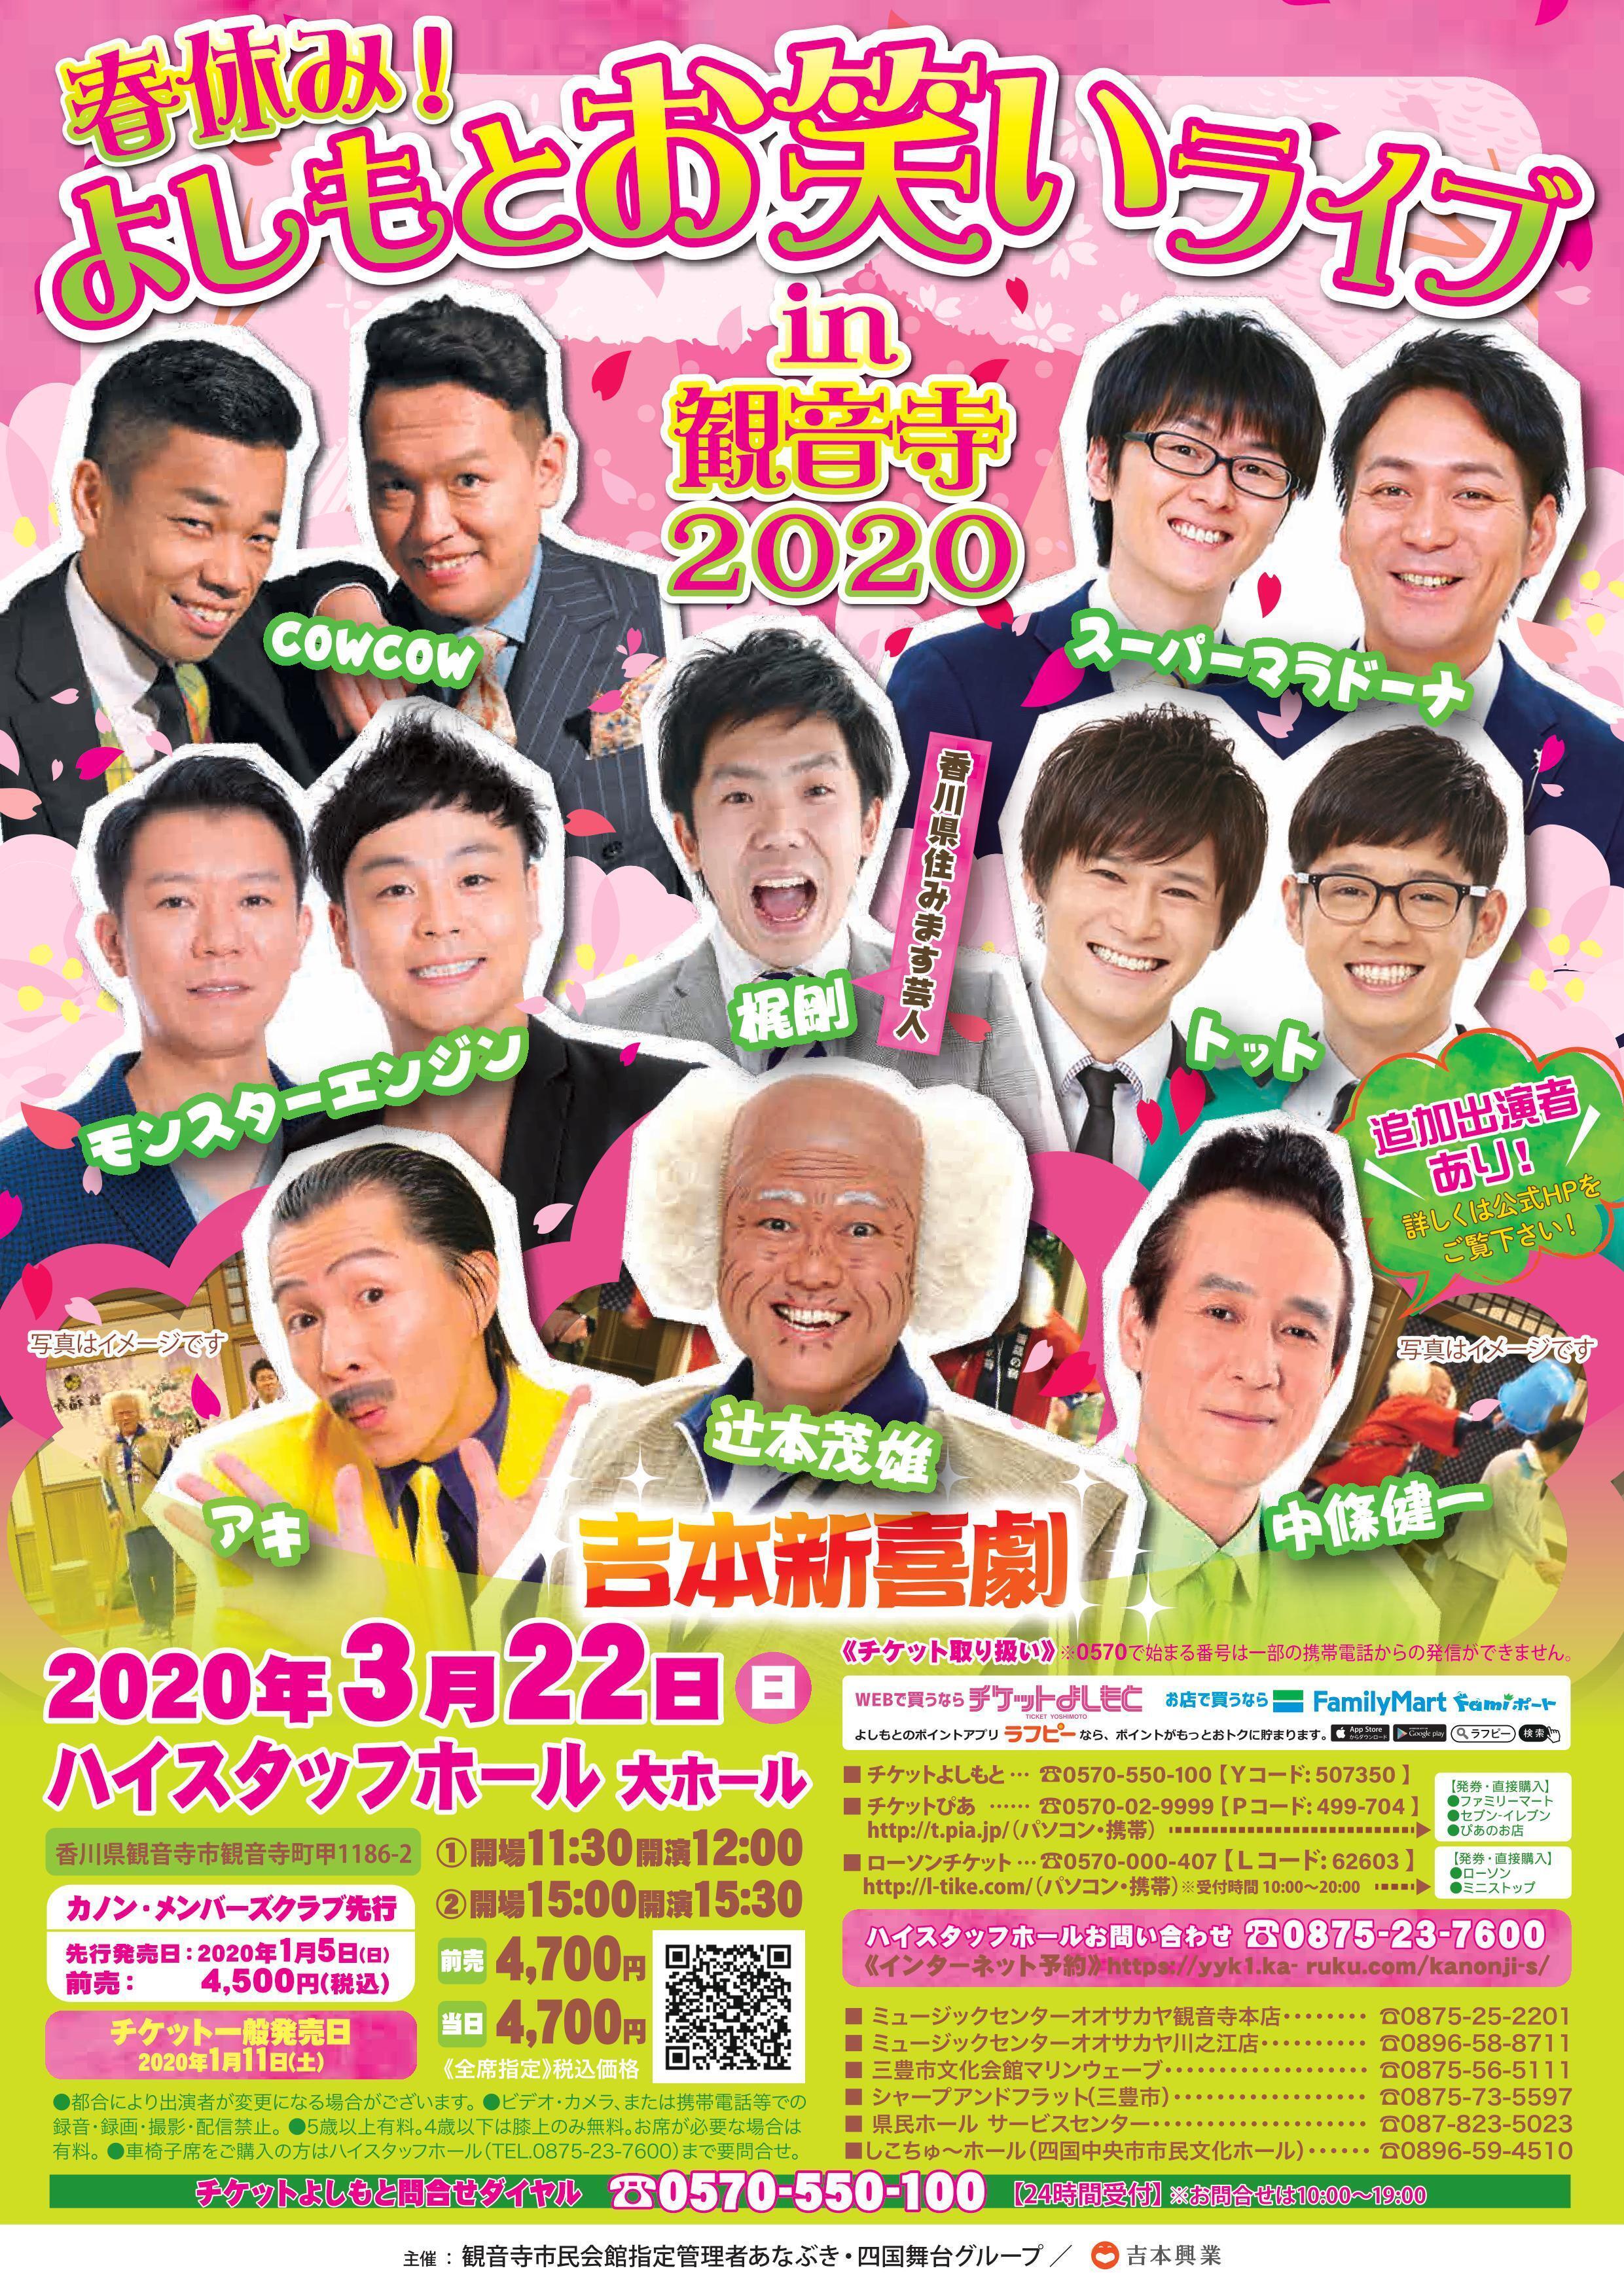 http://www.syumatsu.jp/20200106125057-a0e3e6a891f4c4ad6928bda07d70b5ac12c64474.jpg